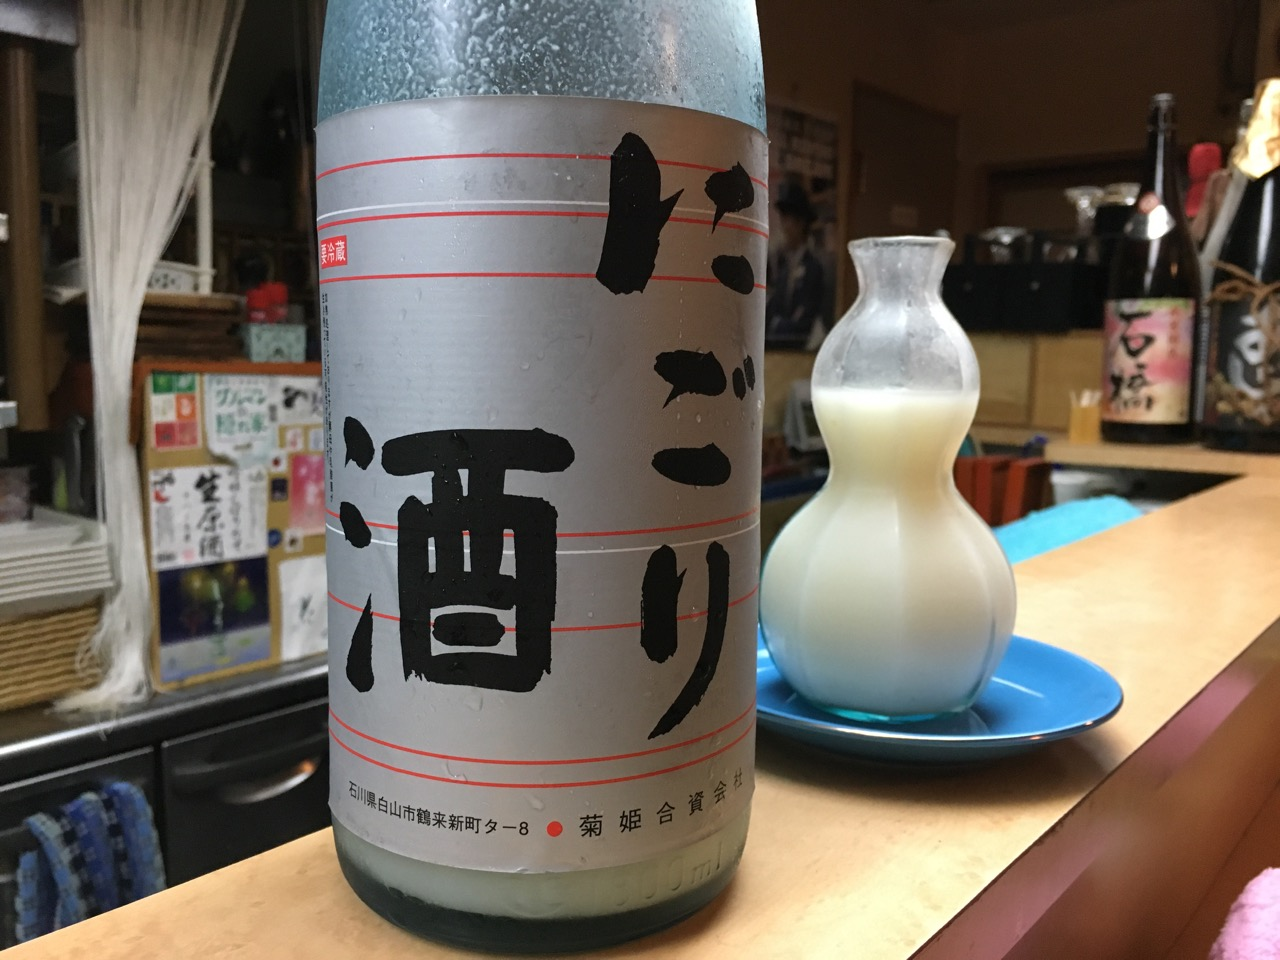 菊姫 にごり酒 山廃仕込|日本酒テイスティングノート